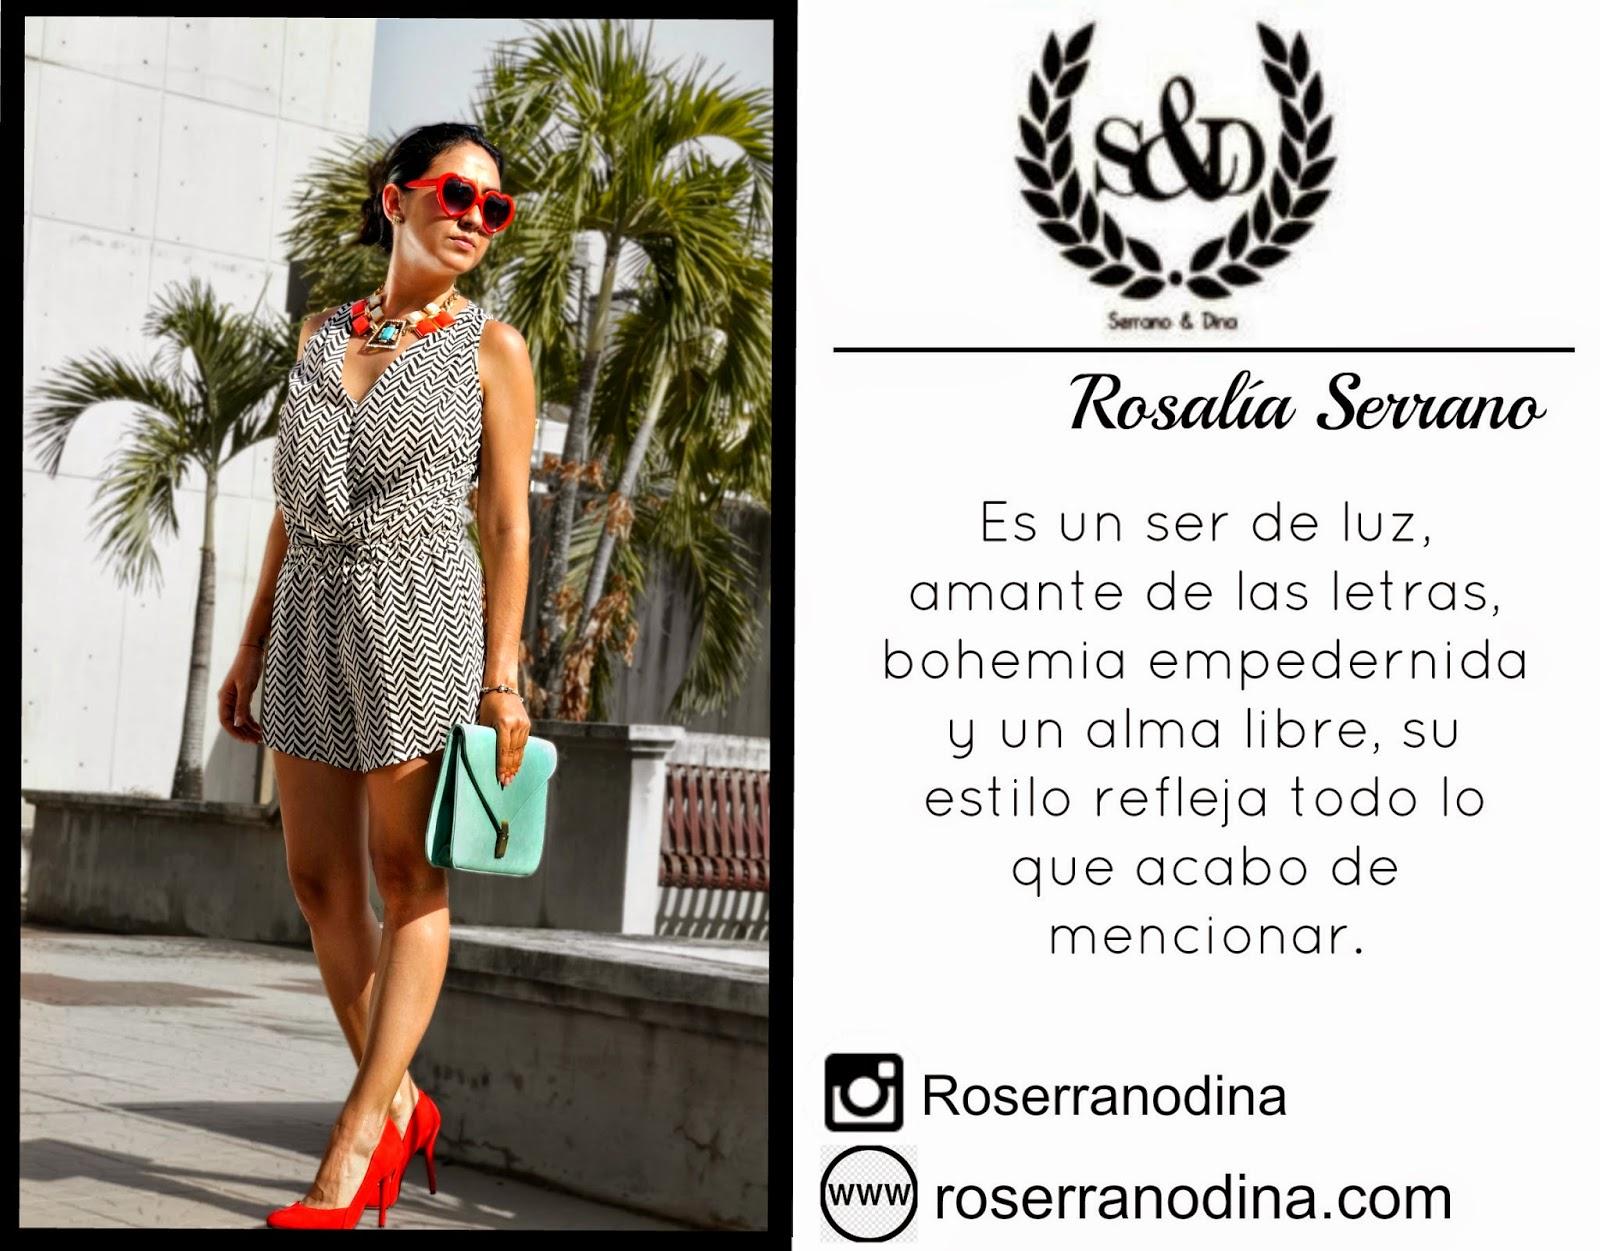 http://www.roserranodina.com/